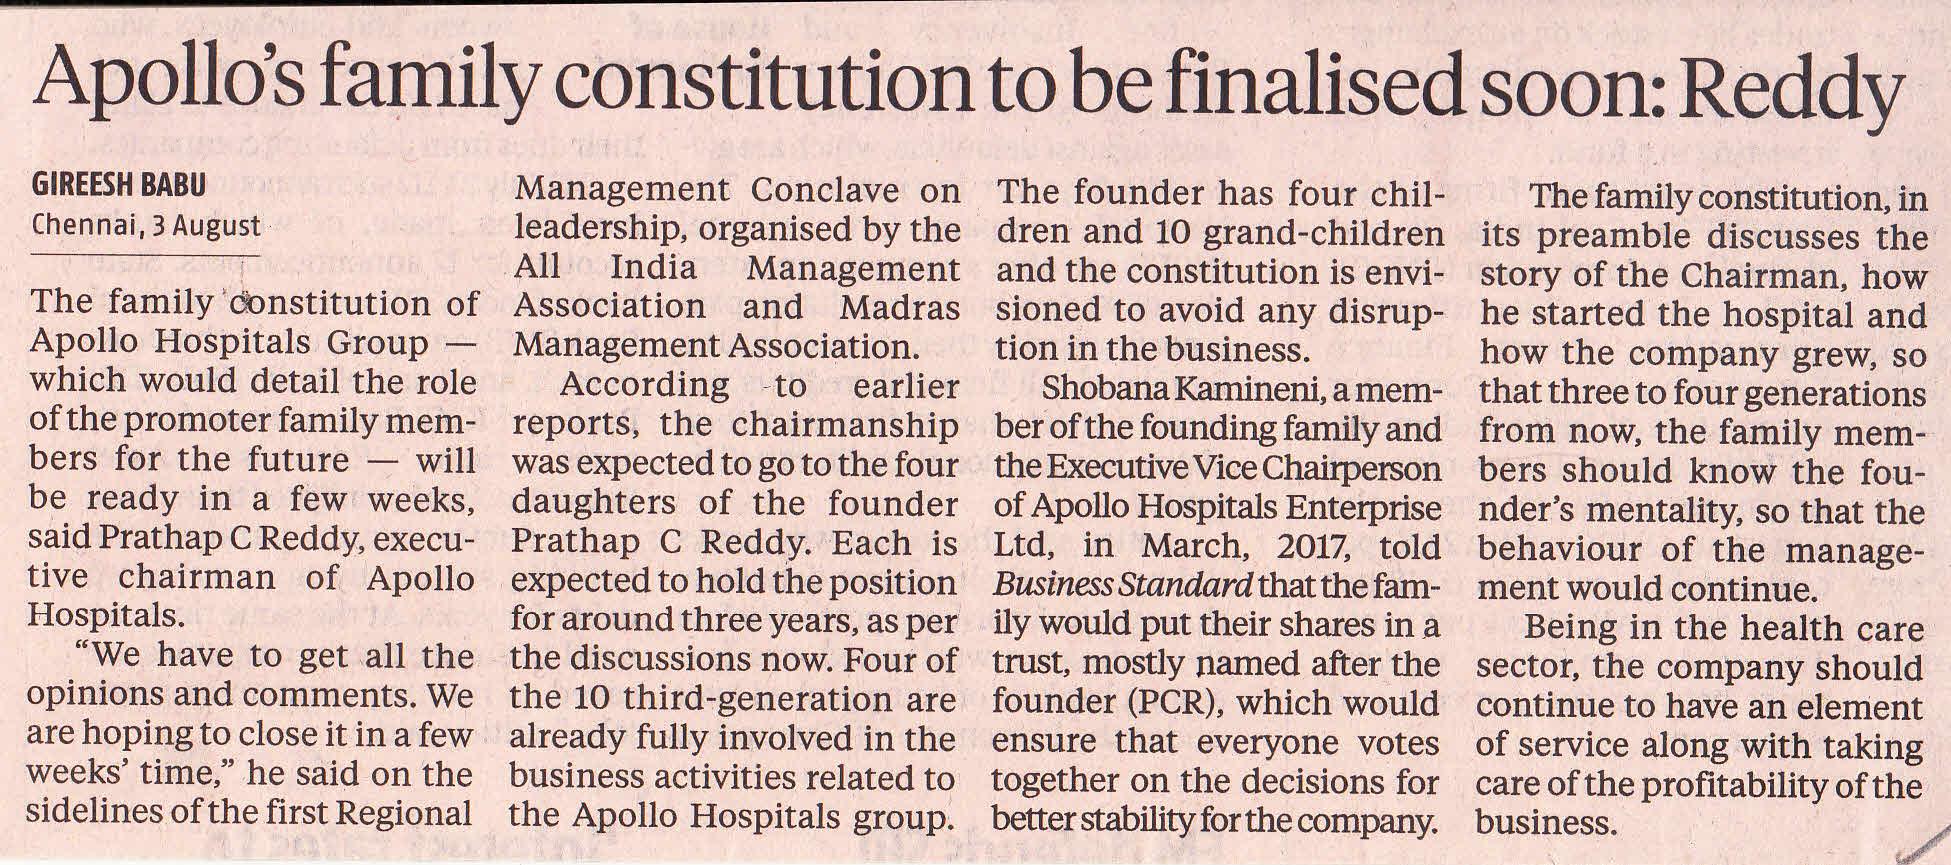 Regional Management Conclave